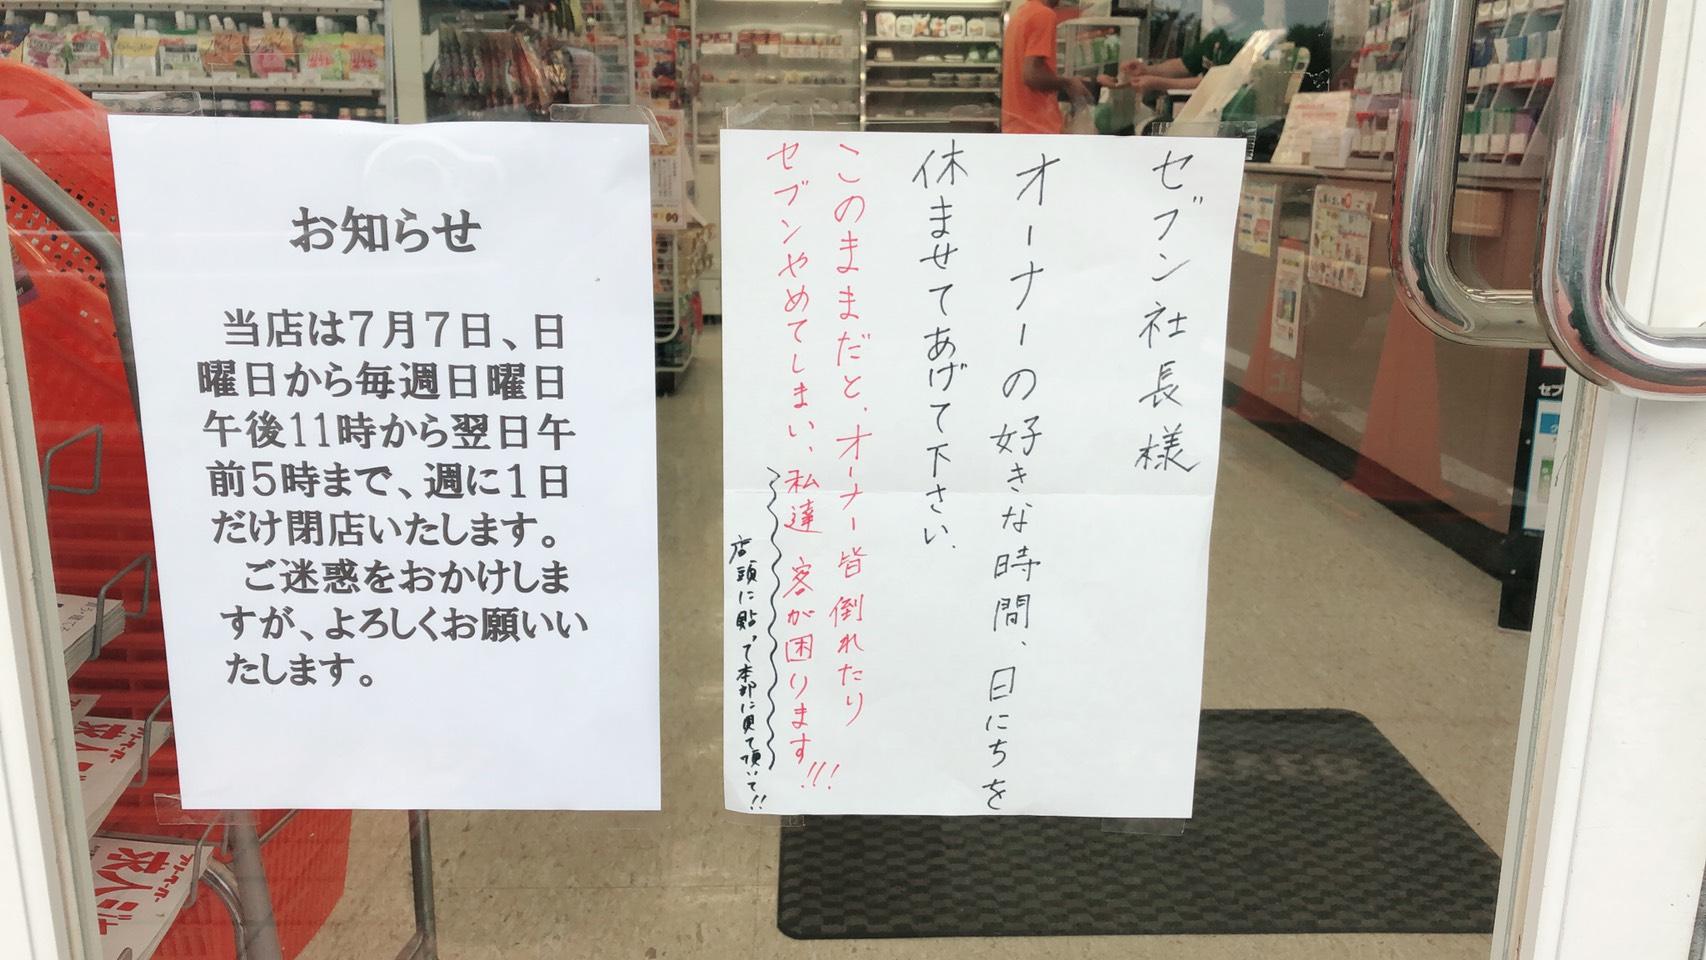 ローソン店舗が抗議ストへ!ローソン本部の団体交渉拒否回答受け!